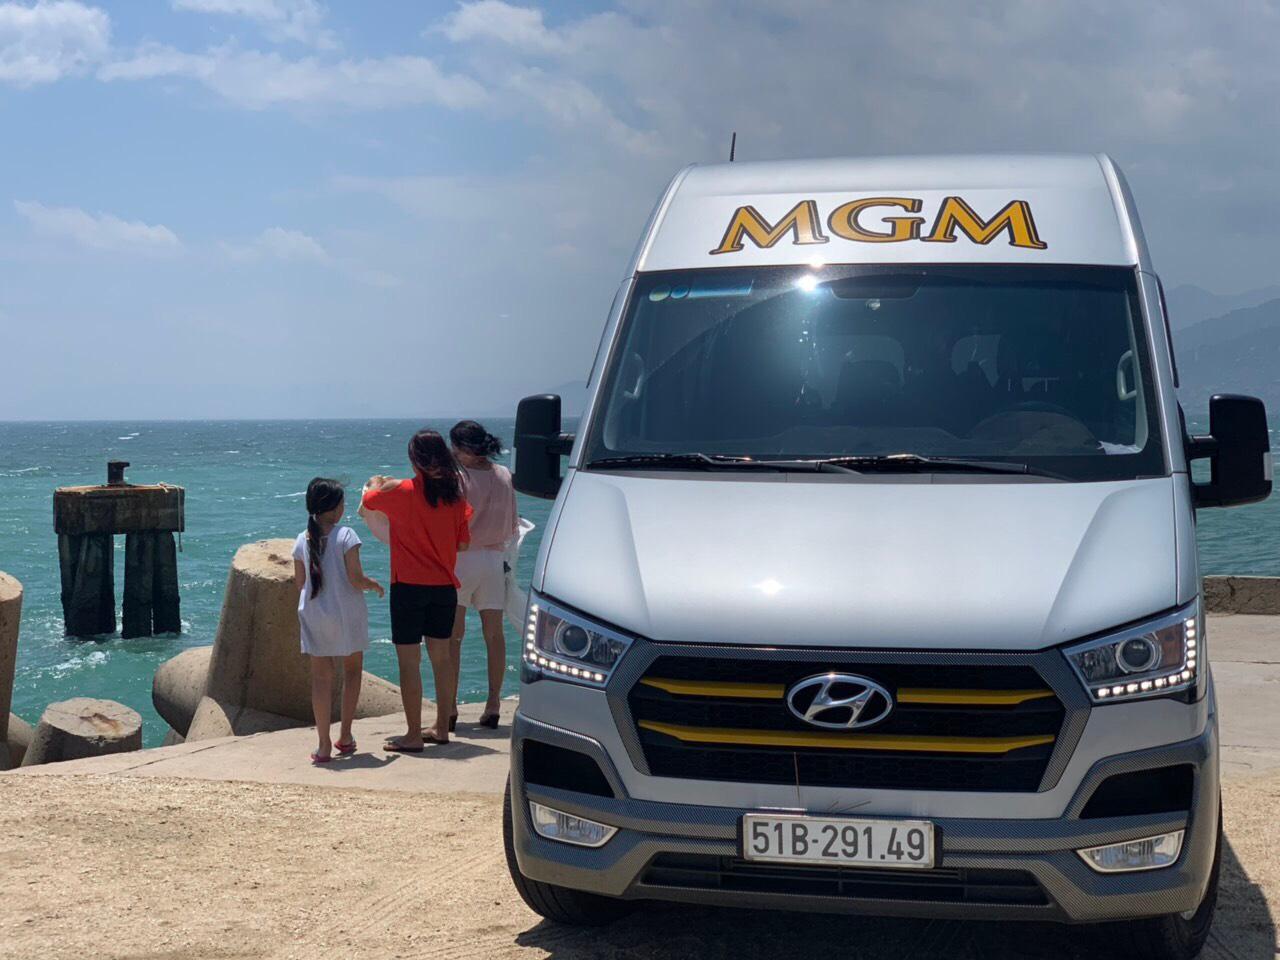 Xe MGM phục vụ chu đáo cho gia đình mình khi đi du lịch